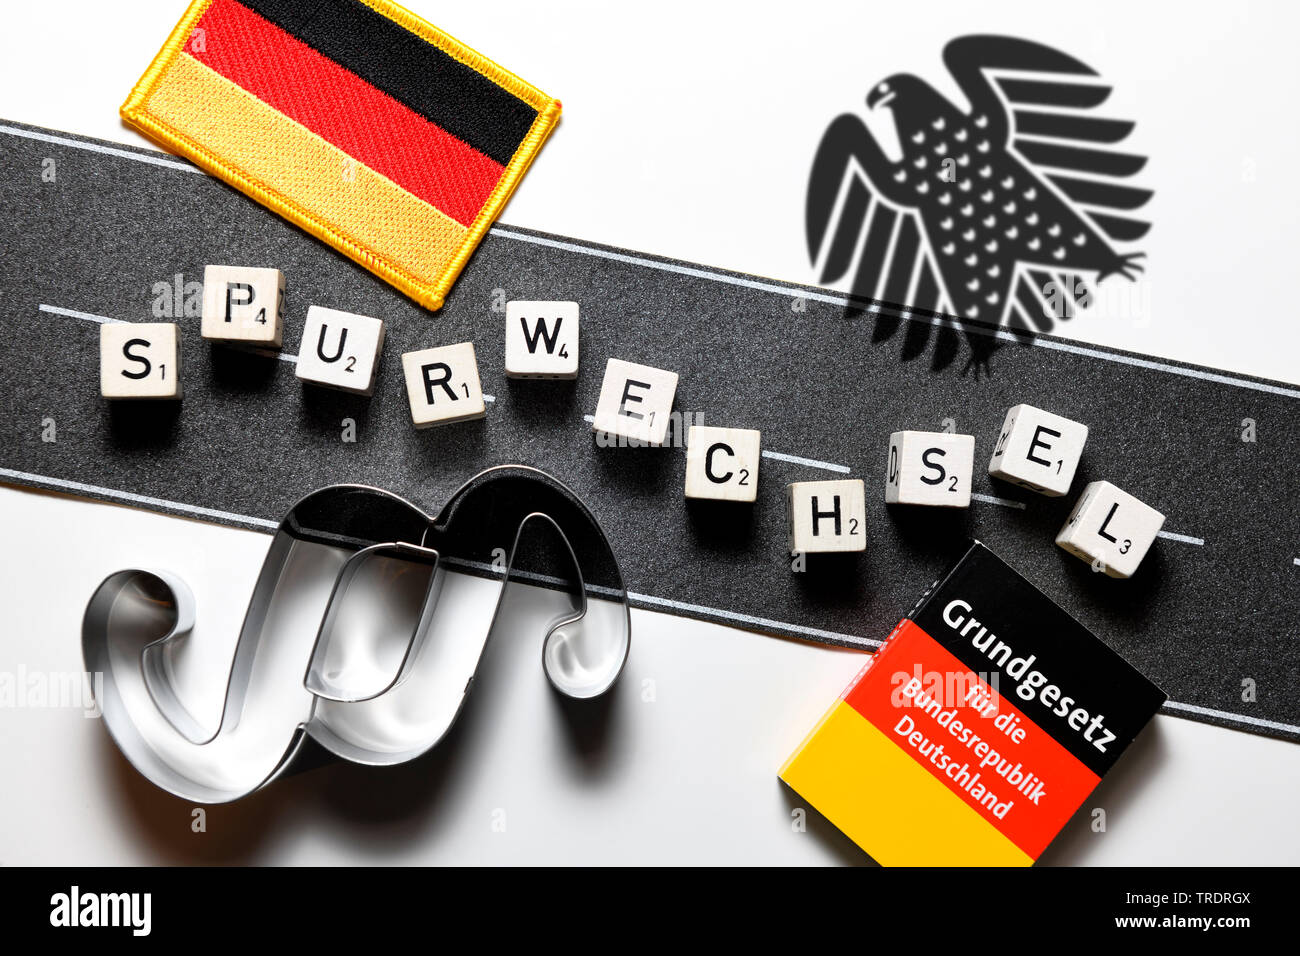 das Wort Spurwechsel gelegt mit Wuerfel, Asylpolitik, Deutschland | lane change, Spurwechsel, asyl, Germany | BLWS509470.jpg [ (c) blickwinkel/McPHOTO - Stock Image